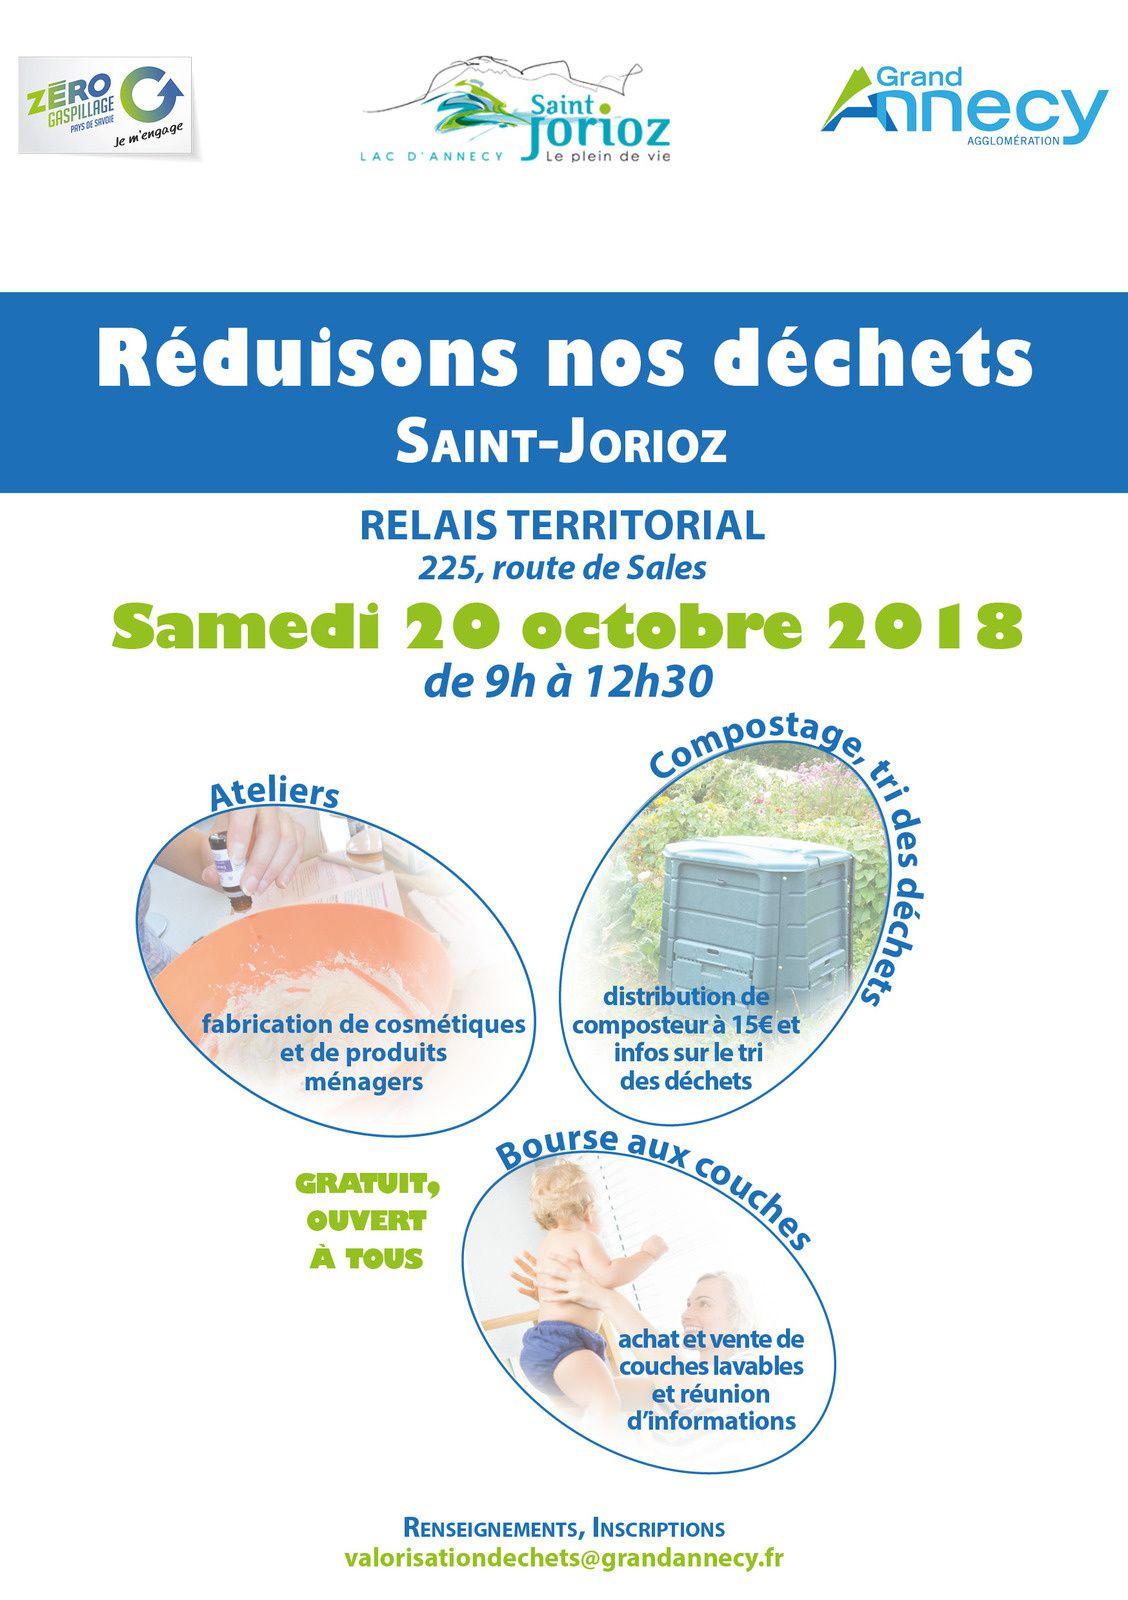 20 octobre SAINT JORIOZ réduisons nos déchets !